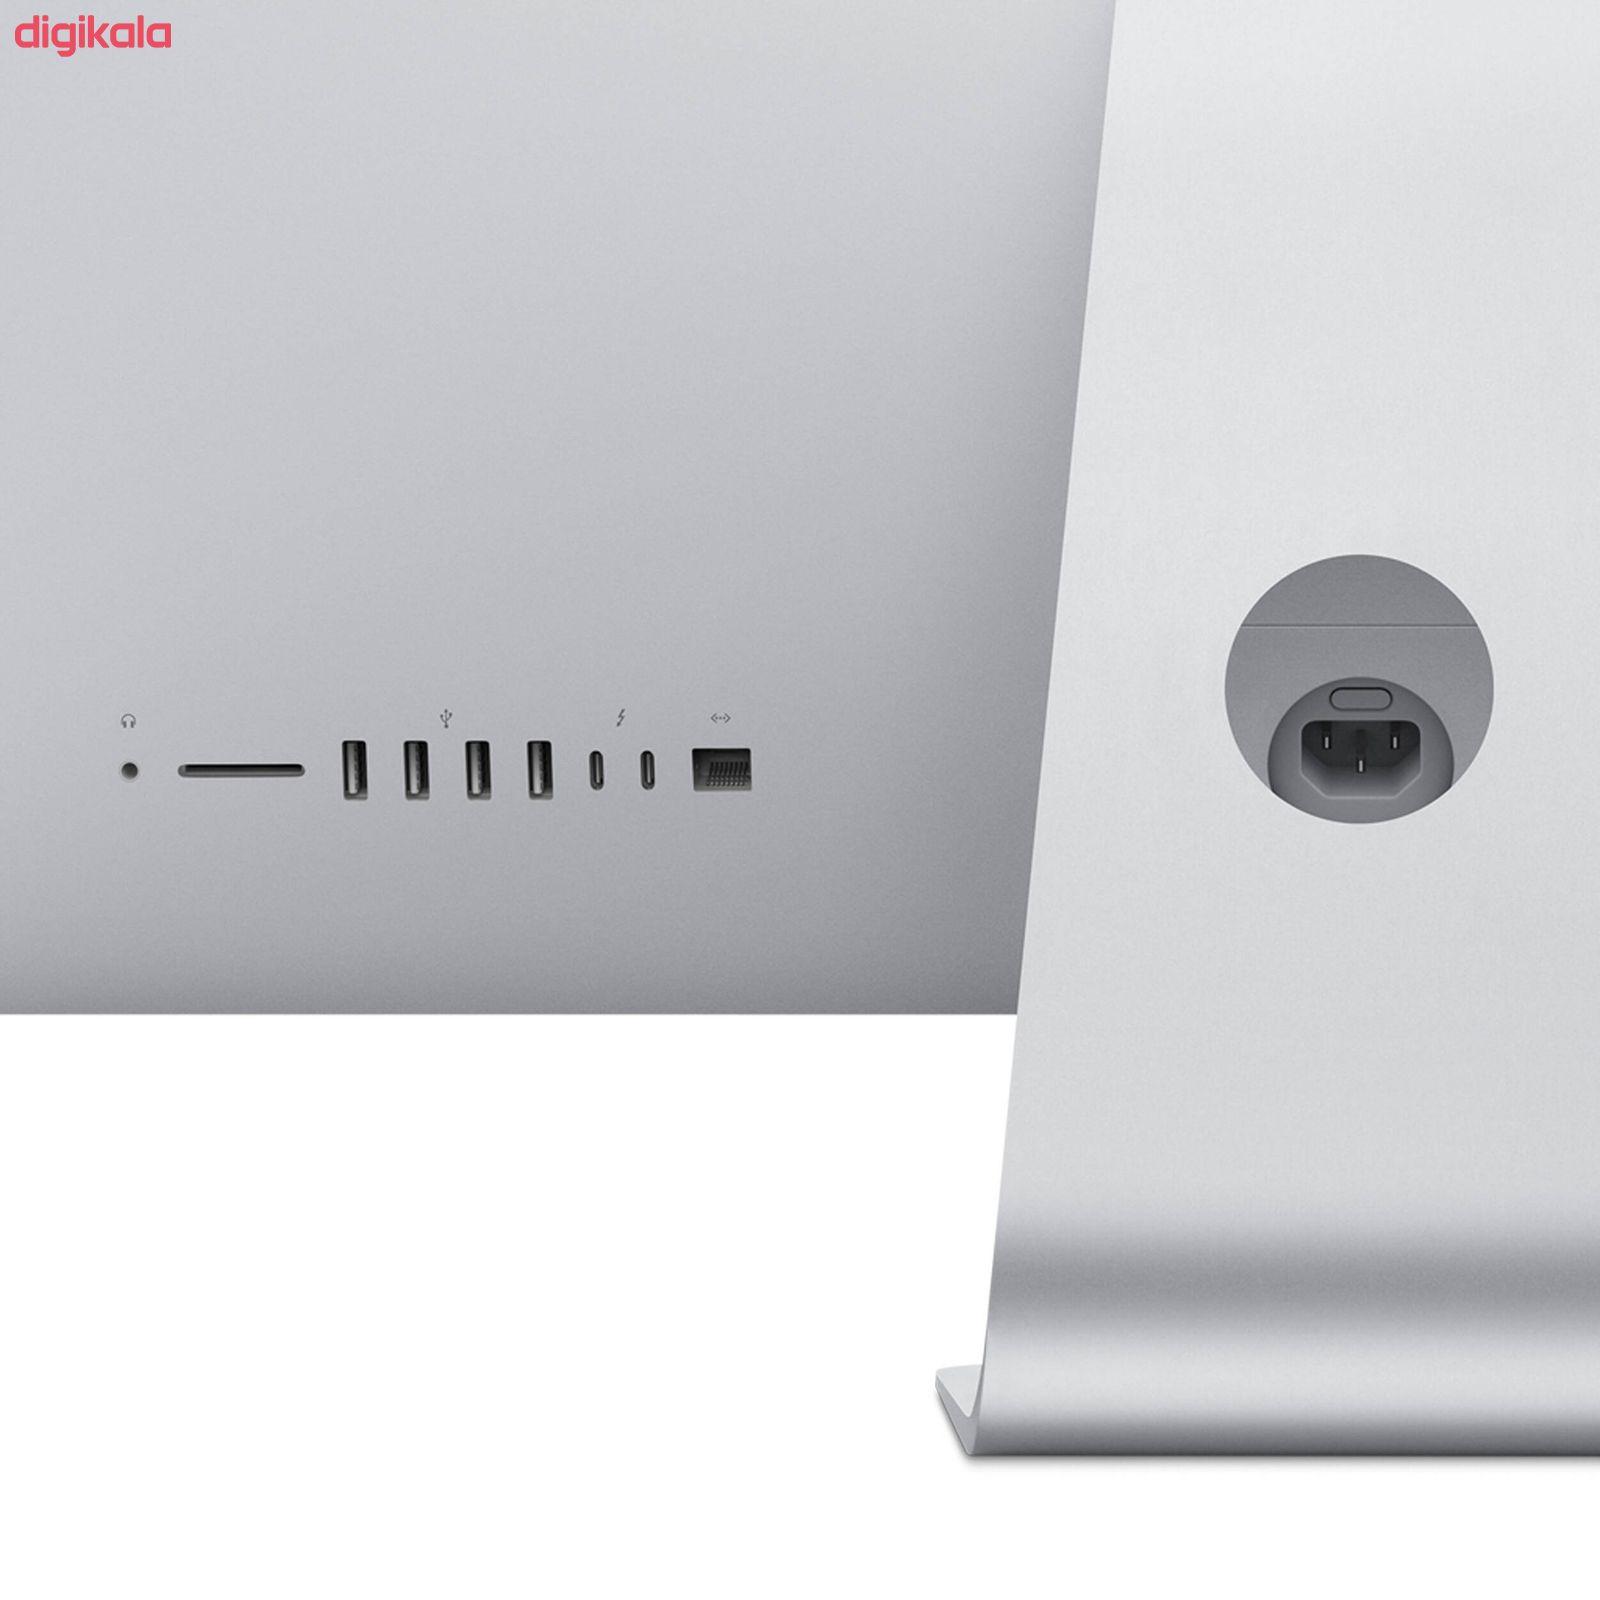 کامپیوتر همه کاره 27 اینچی اپل مدل iMac MXWT2 2020 با صفحه نمایش رتینا 5K  main 1 3